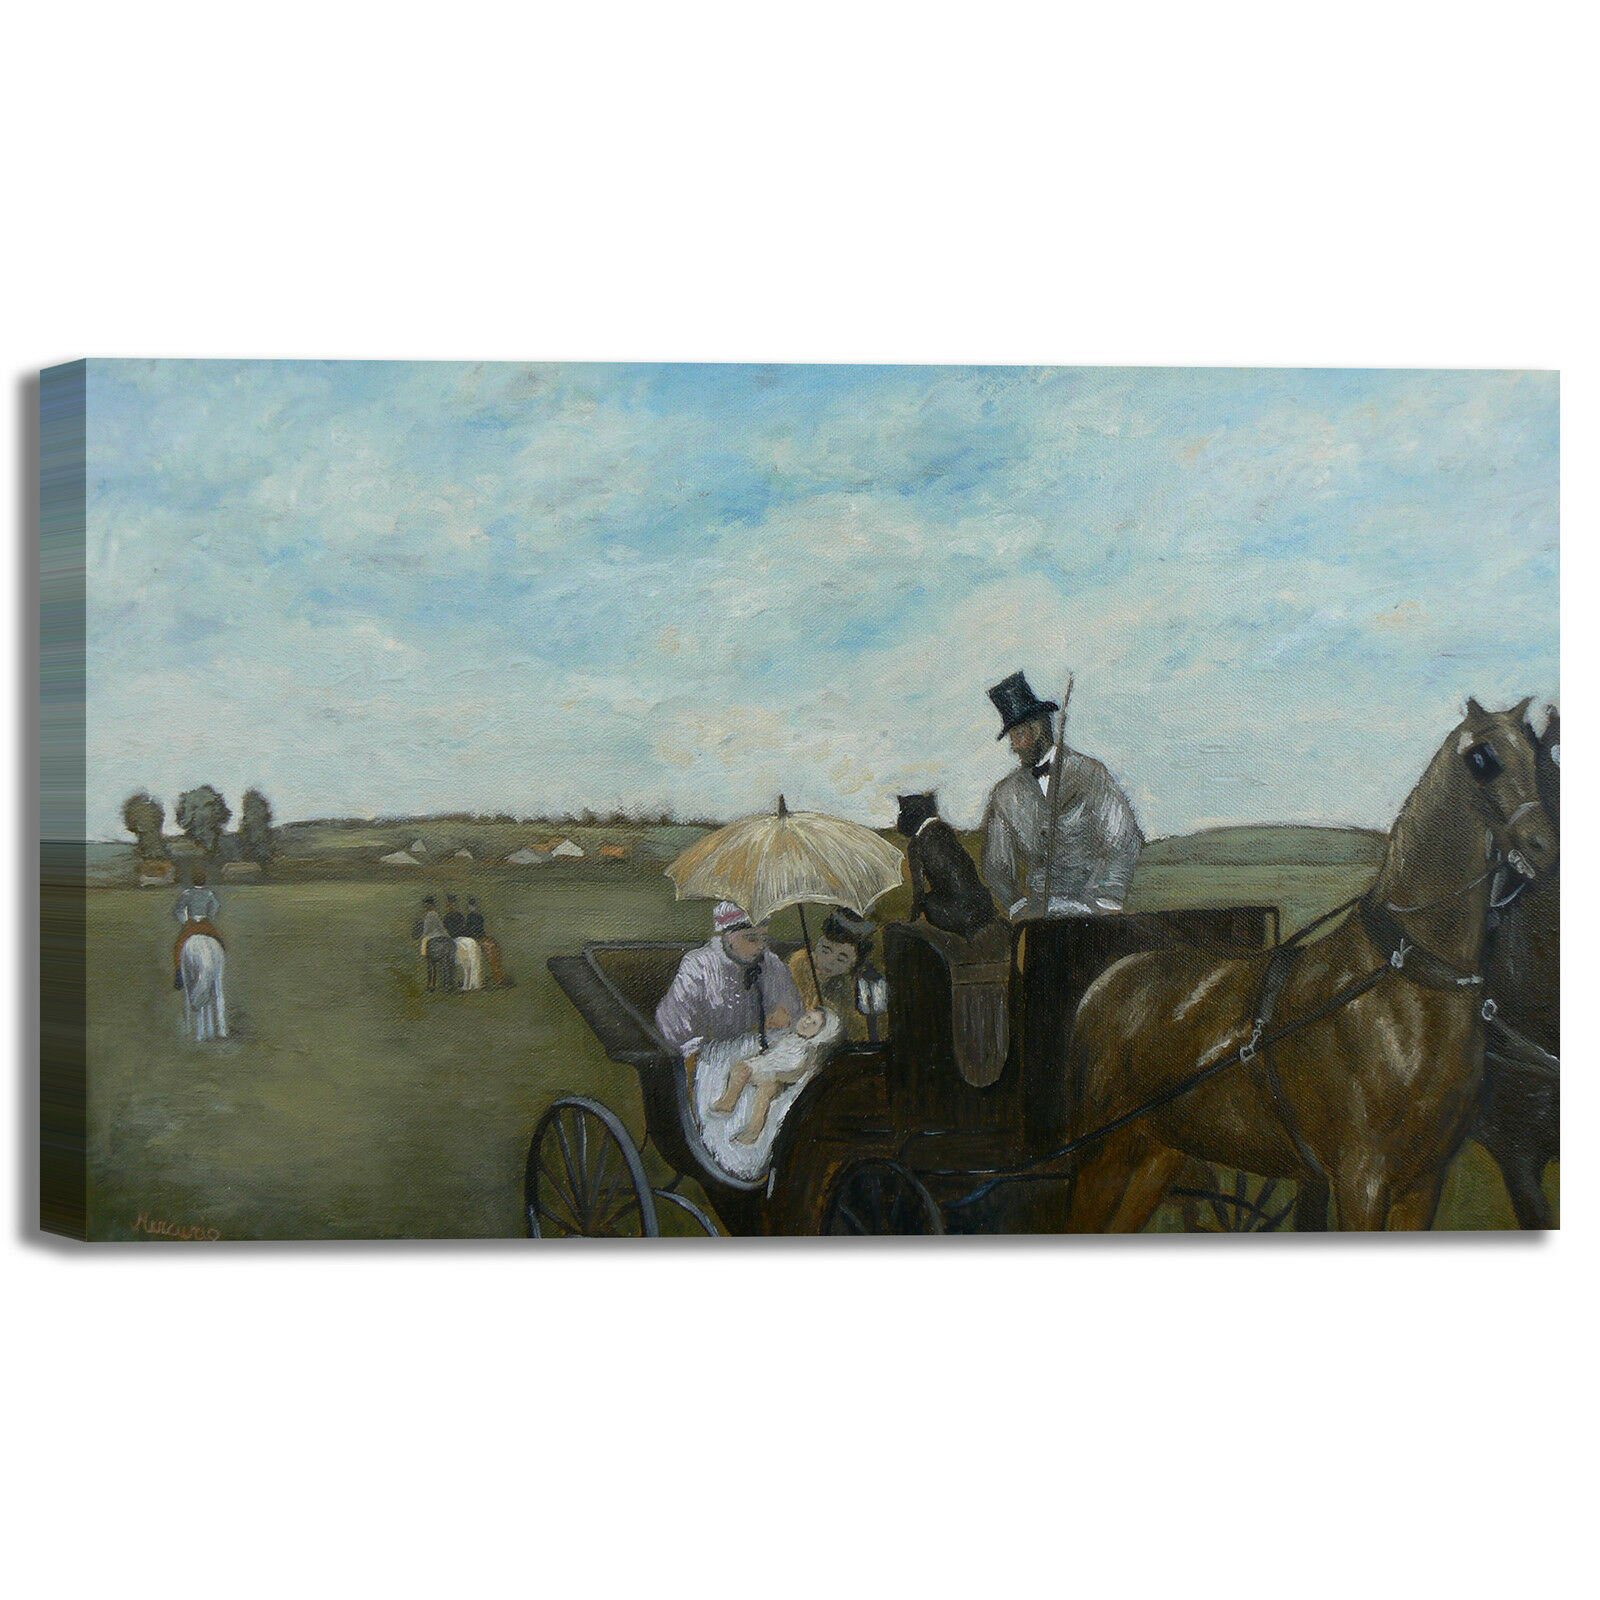 Degas carrozza alle corse design quadro stampa tela dipinto telaio arrossoo casa